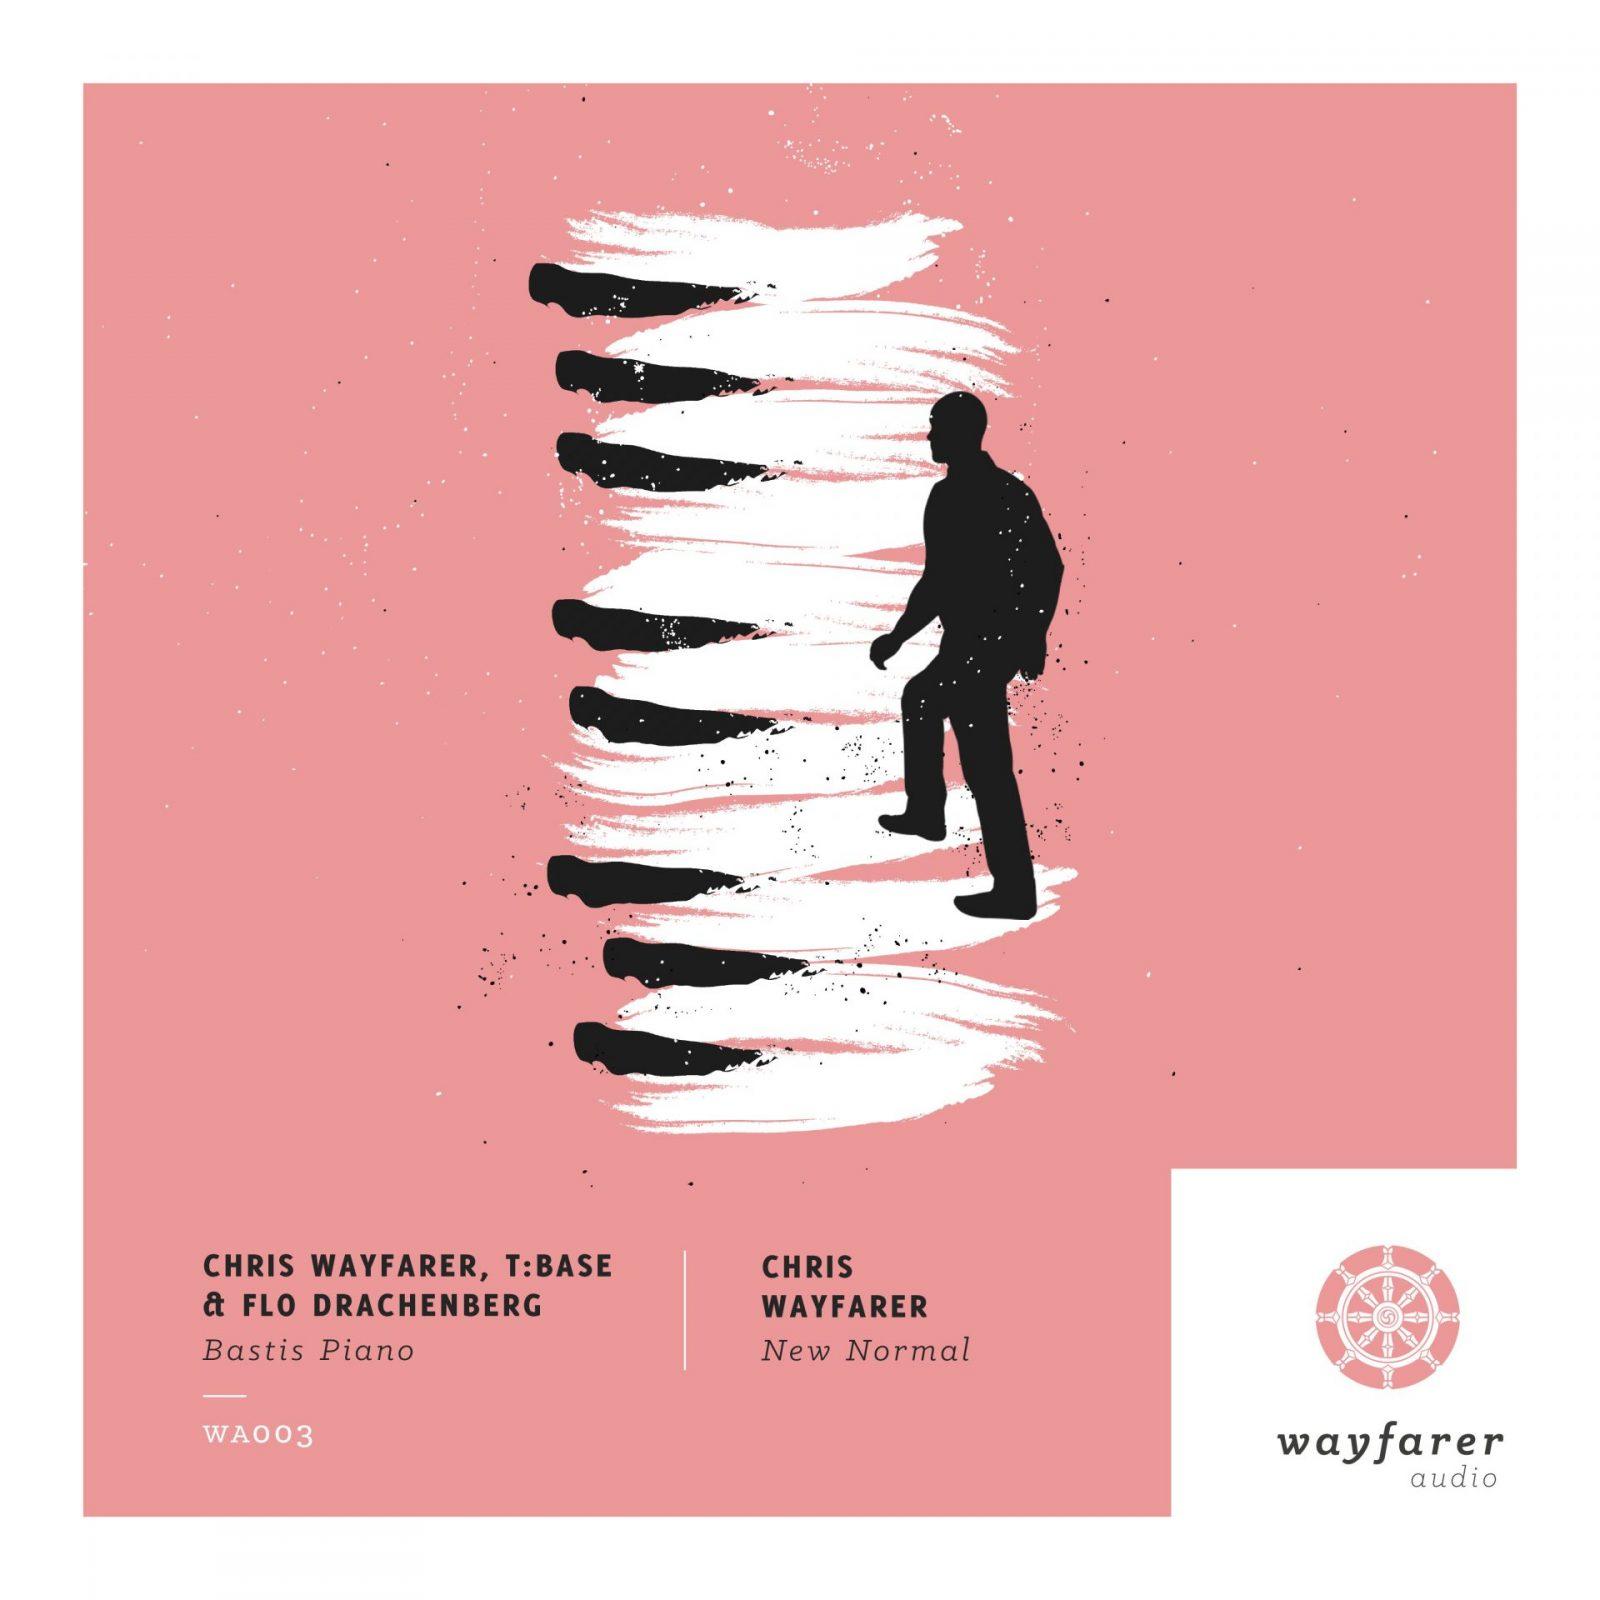 Chris Wayfarer, T:Base & Flo Drachenberg - Bastis Piano (Wayfarer Audio)